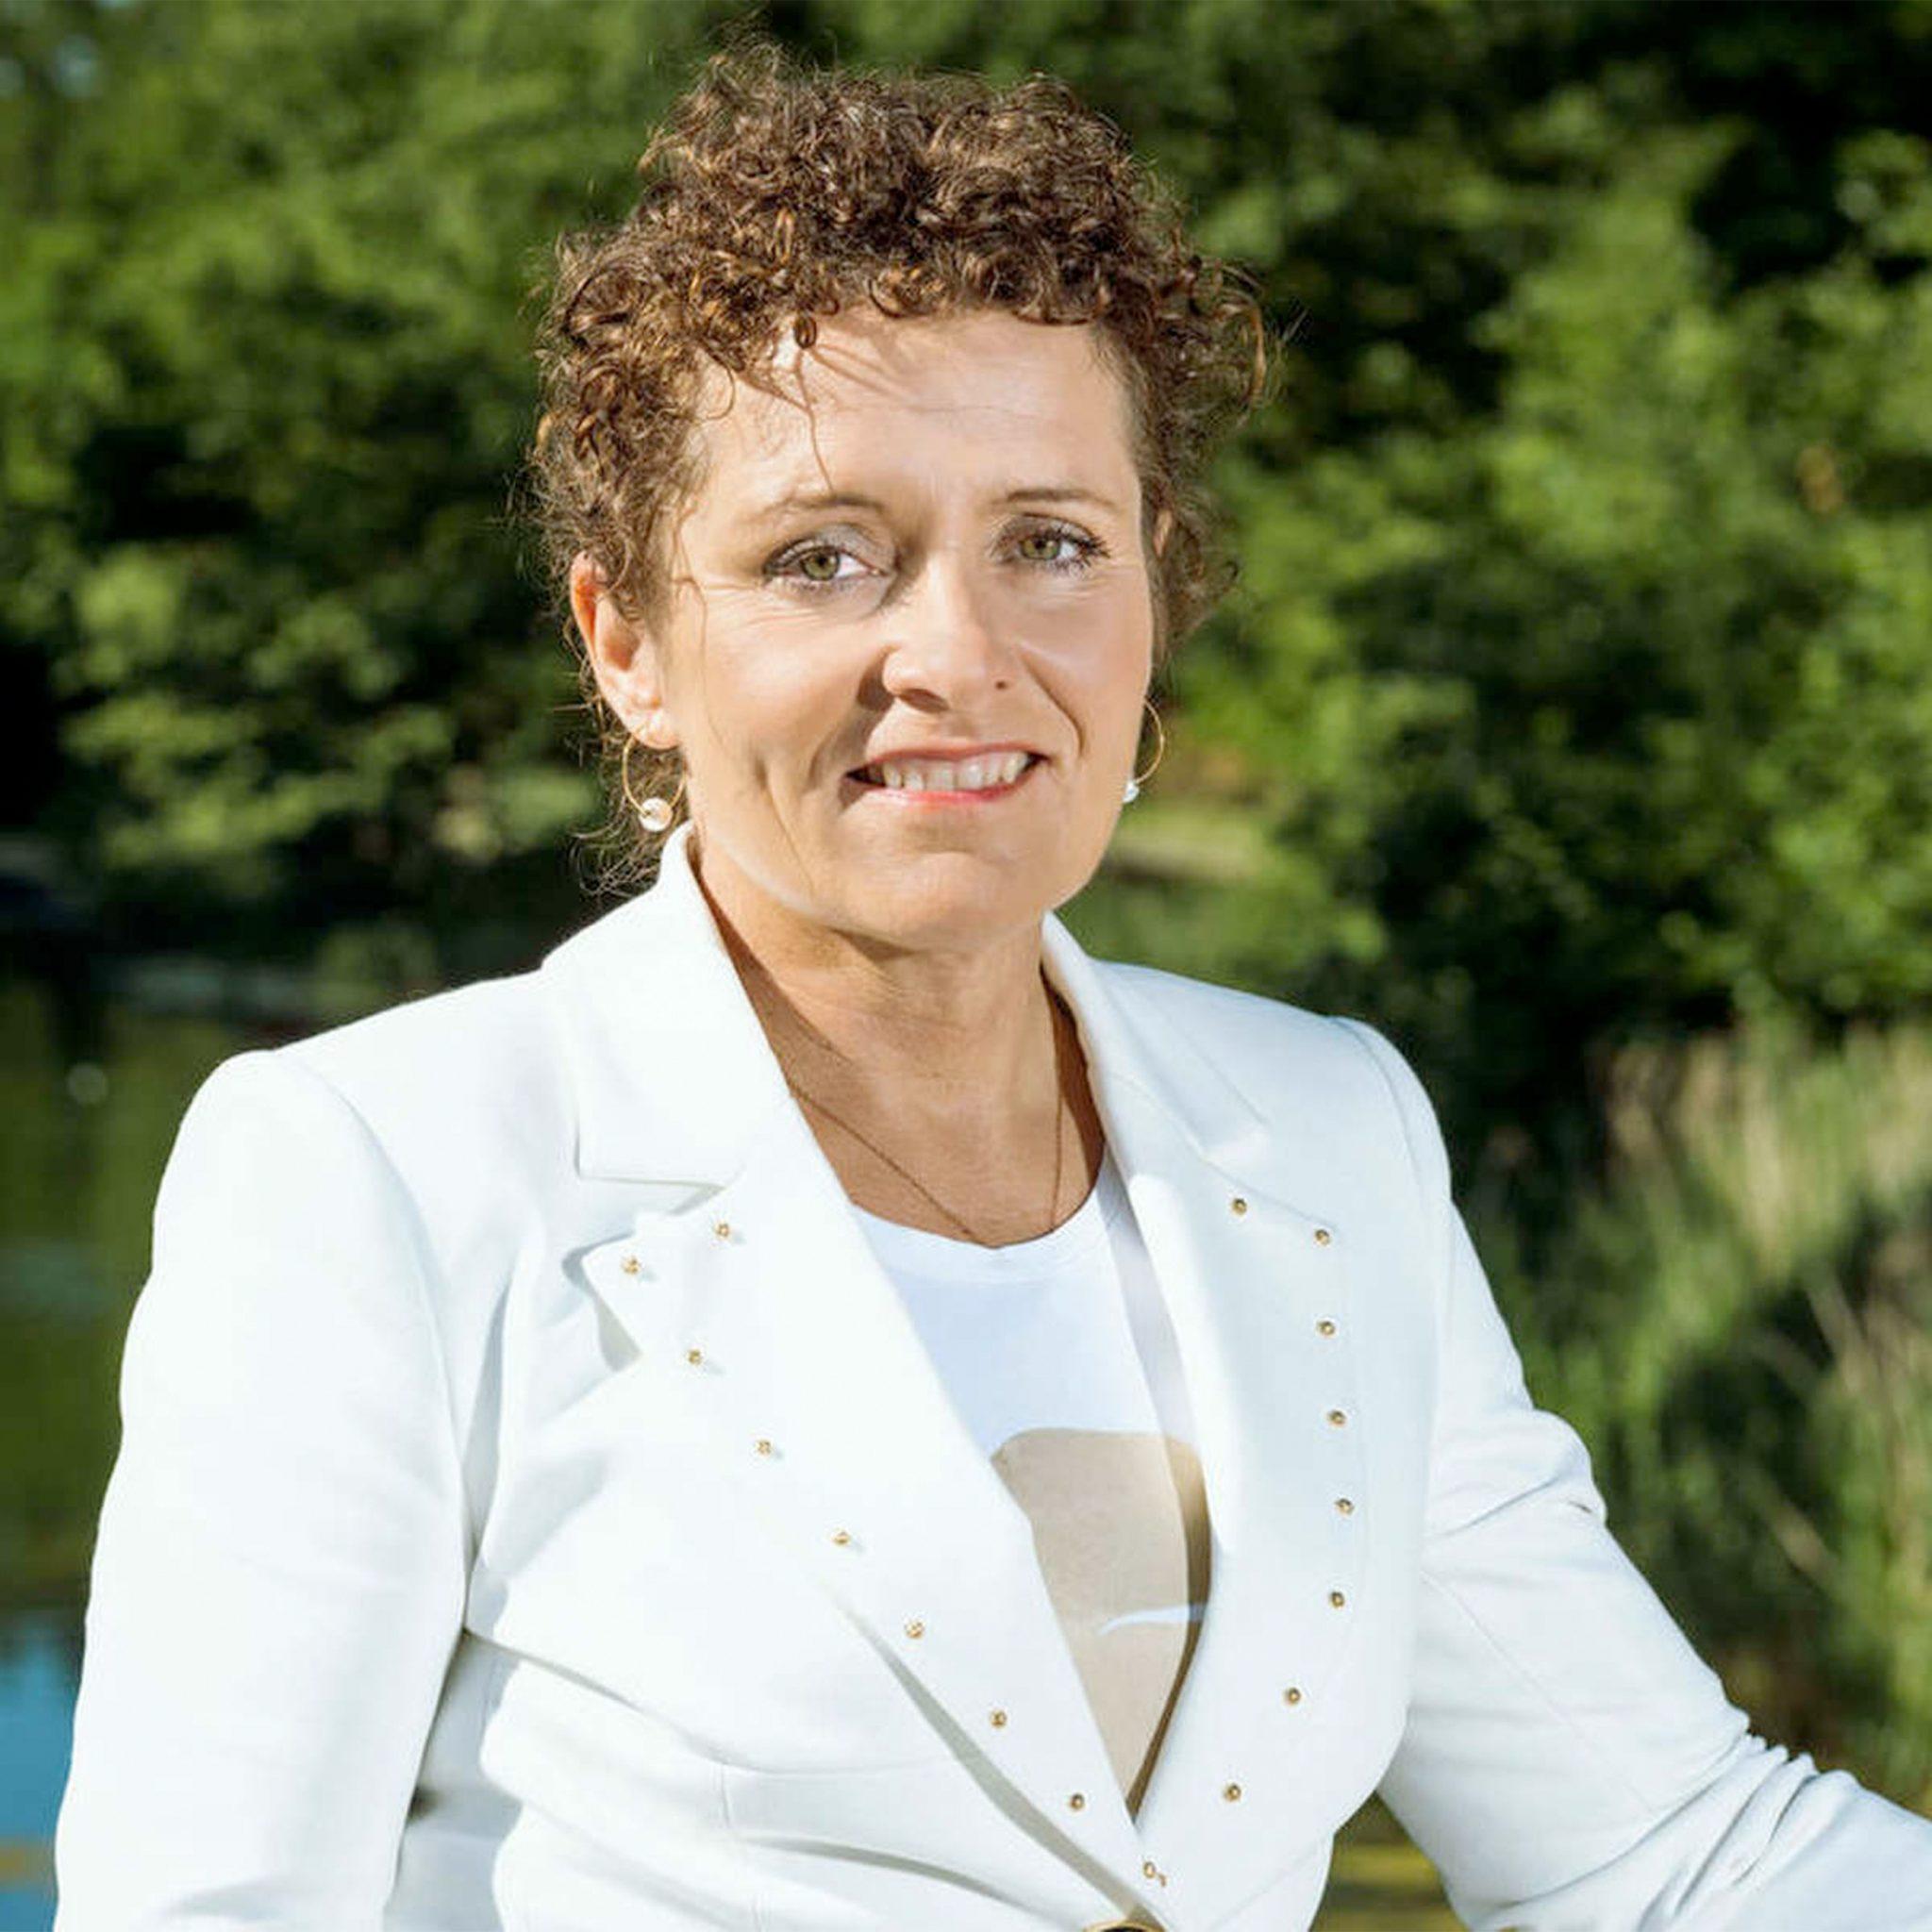 De Vlaamse minister van Mobiliteit en Openbare Werken Lydia Peeters spreekt van een 'historische achterstand' in onderhoud van de Vlaamse kunstwerken. (Foto Lydia Peeters)